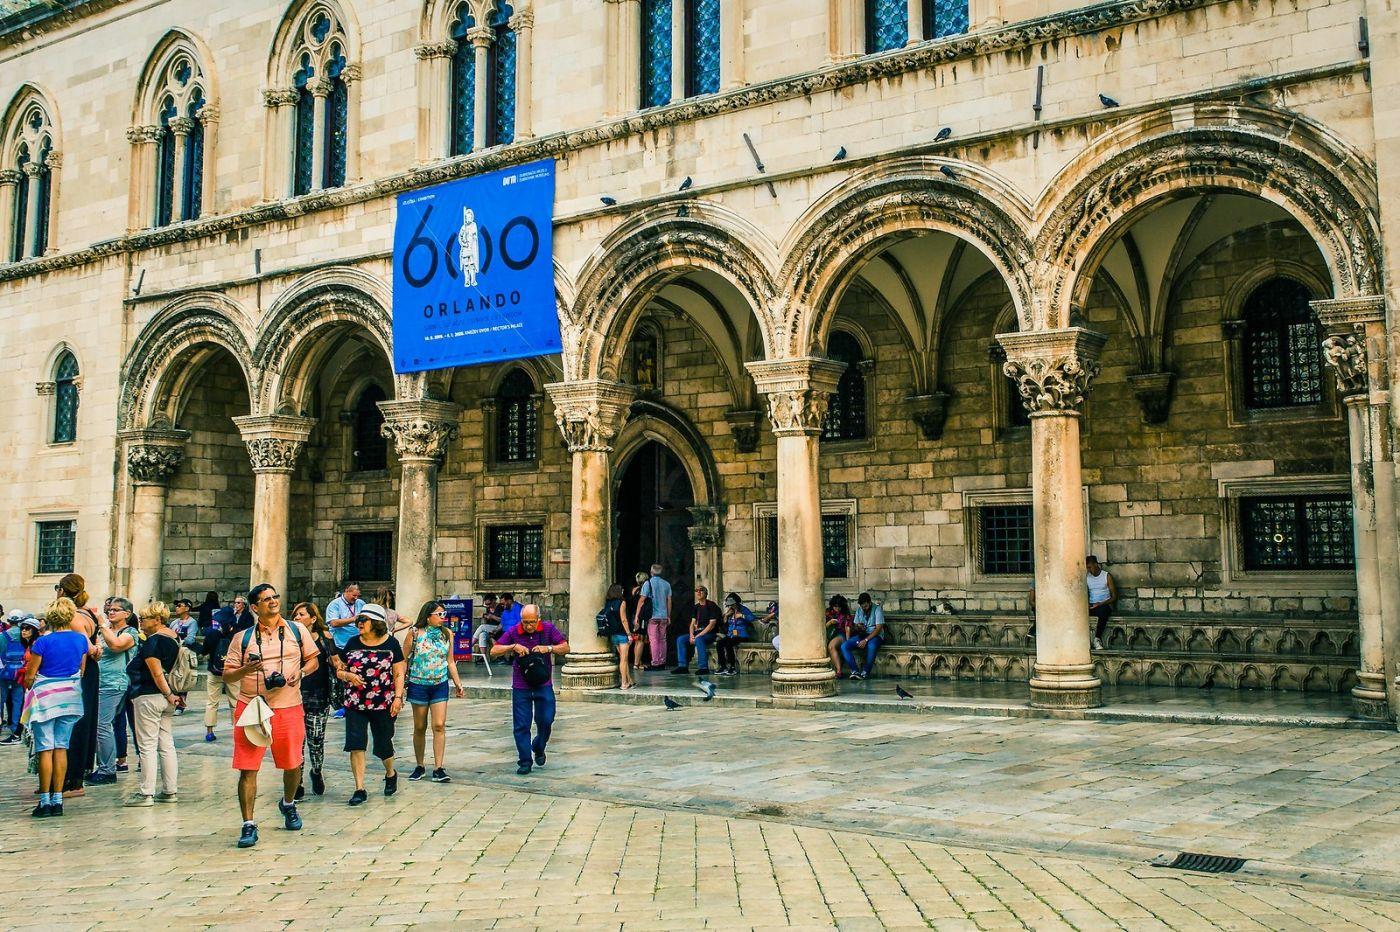 克罗地亚杜布罗夫尼克(Dubrovnik),古城小巷_图1-29